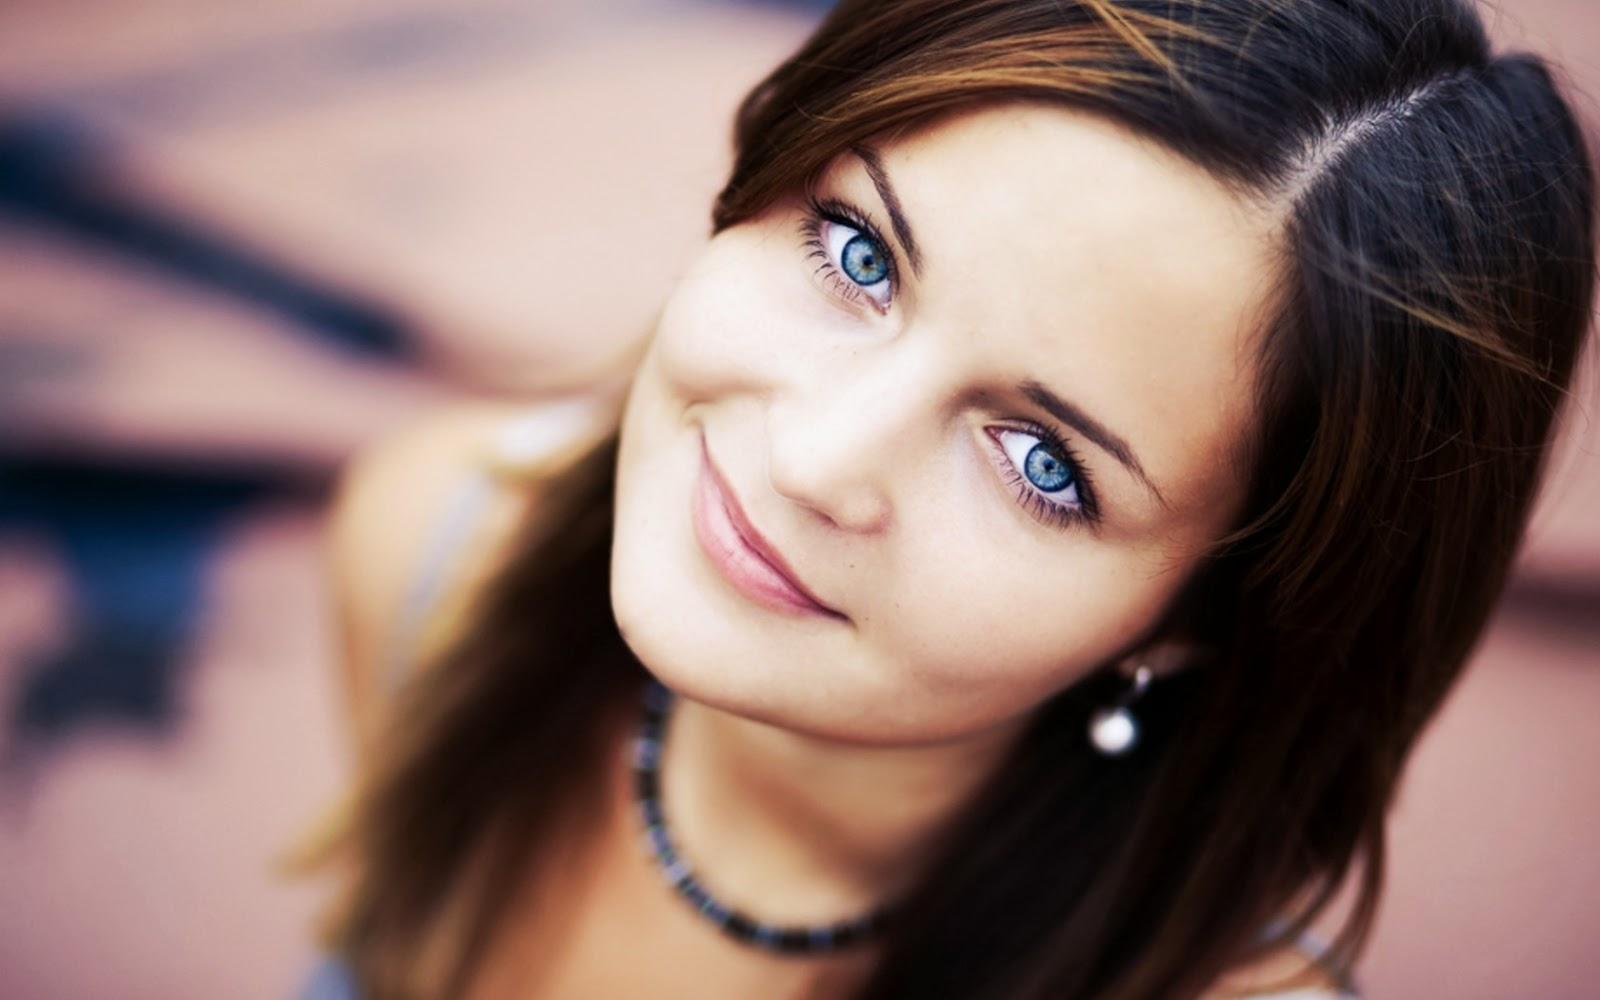 بالصور صور بنات كيوت جميلات , صور جميلات بنات كيوت اجمل البنات 4221 4